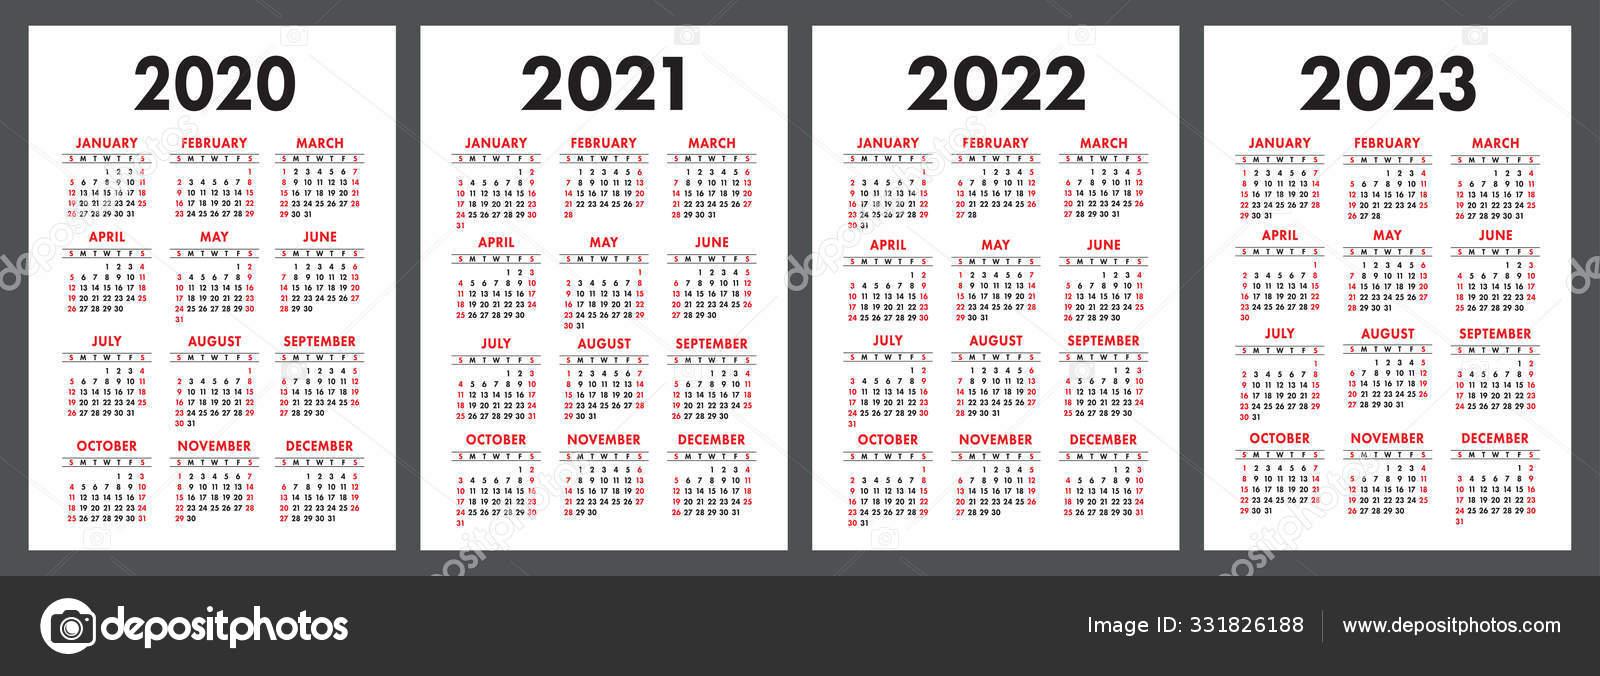 2022 2023 Pocket Calendar.Calendar 2020 2021 2022 2023 English Color Vector Set Vertical Vector Image By C Ra Khusnullina Gmail Com14722860aef0a814722860 Vector Stock 331826188